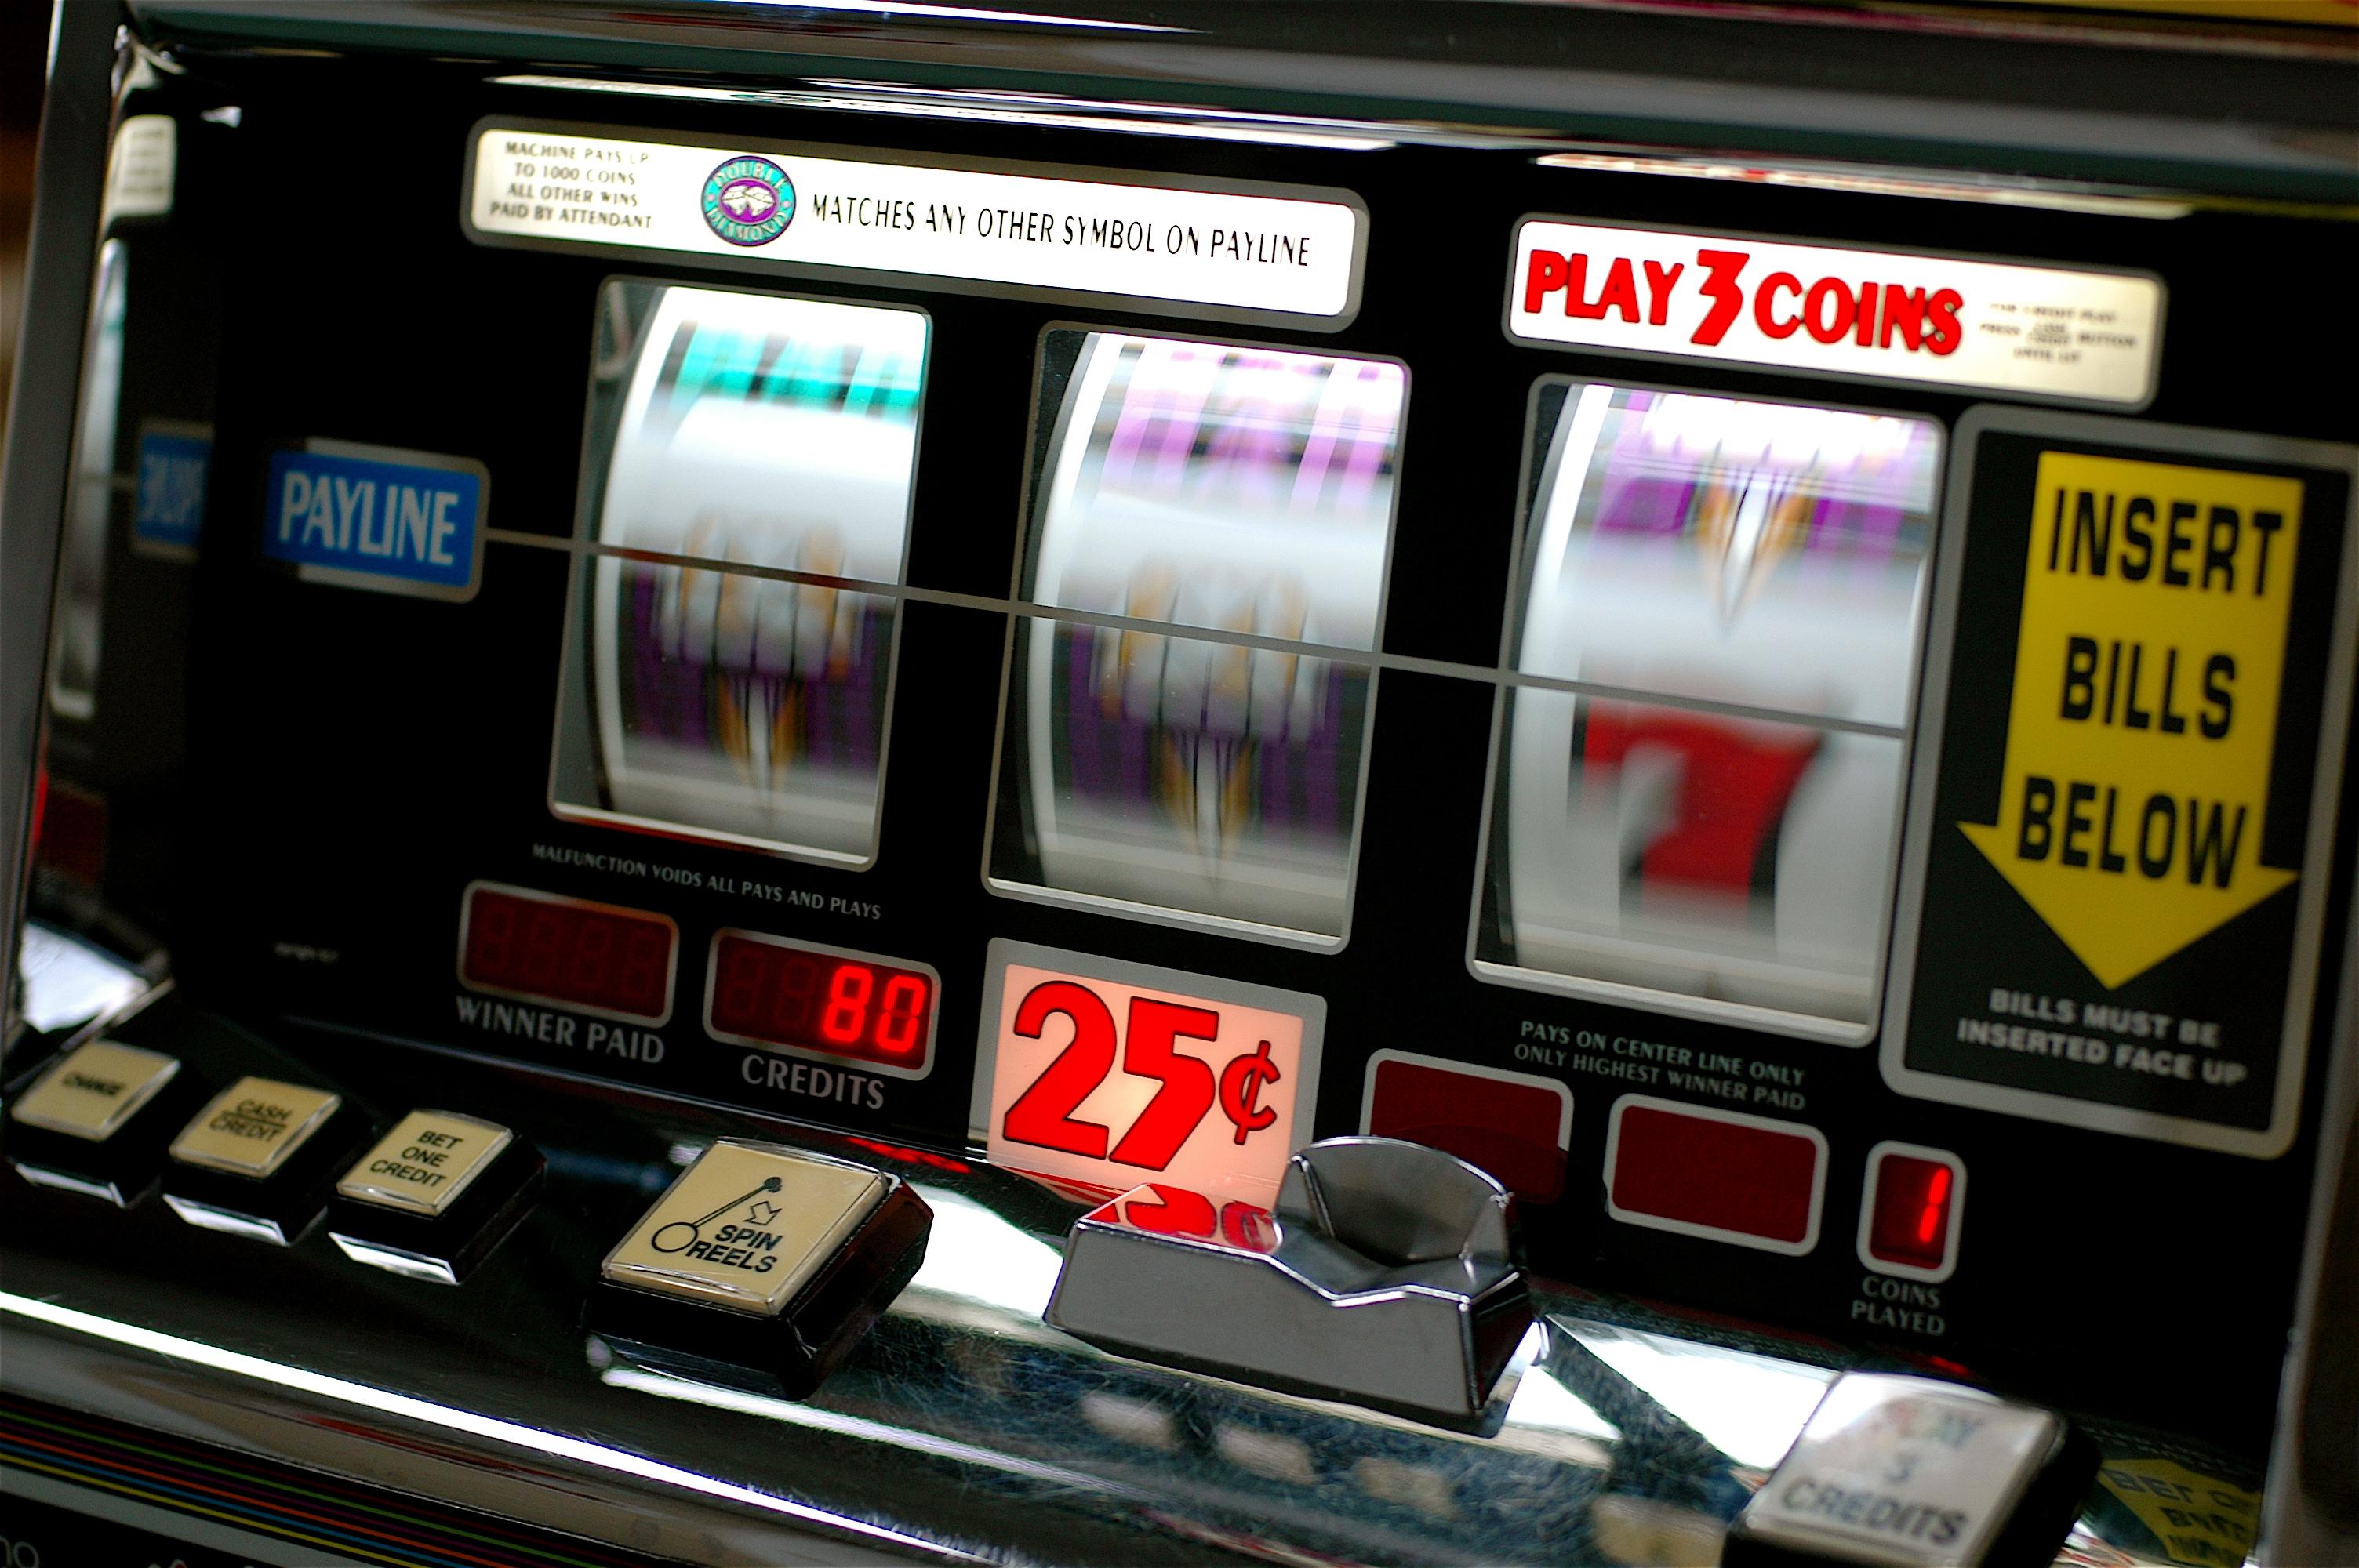 La Guida - Cuneo, firmata ordinanza per limitare l'orario di utilizzo delle slot